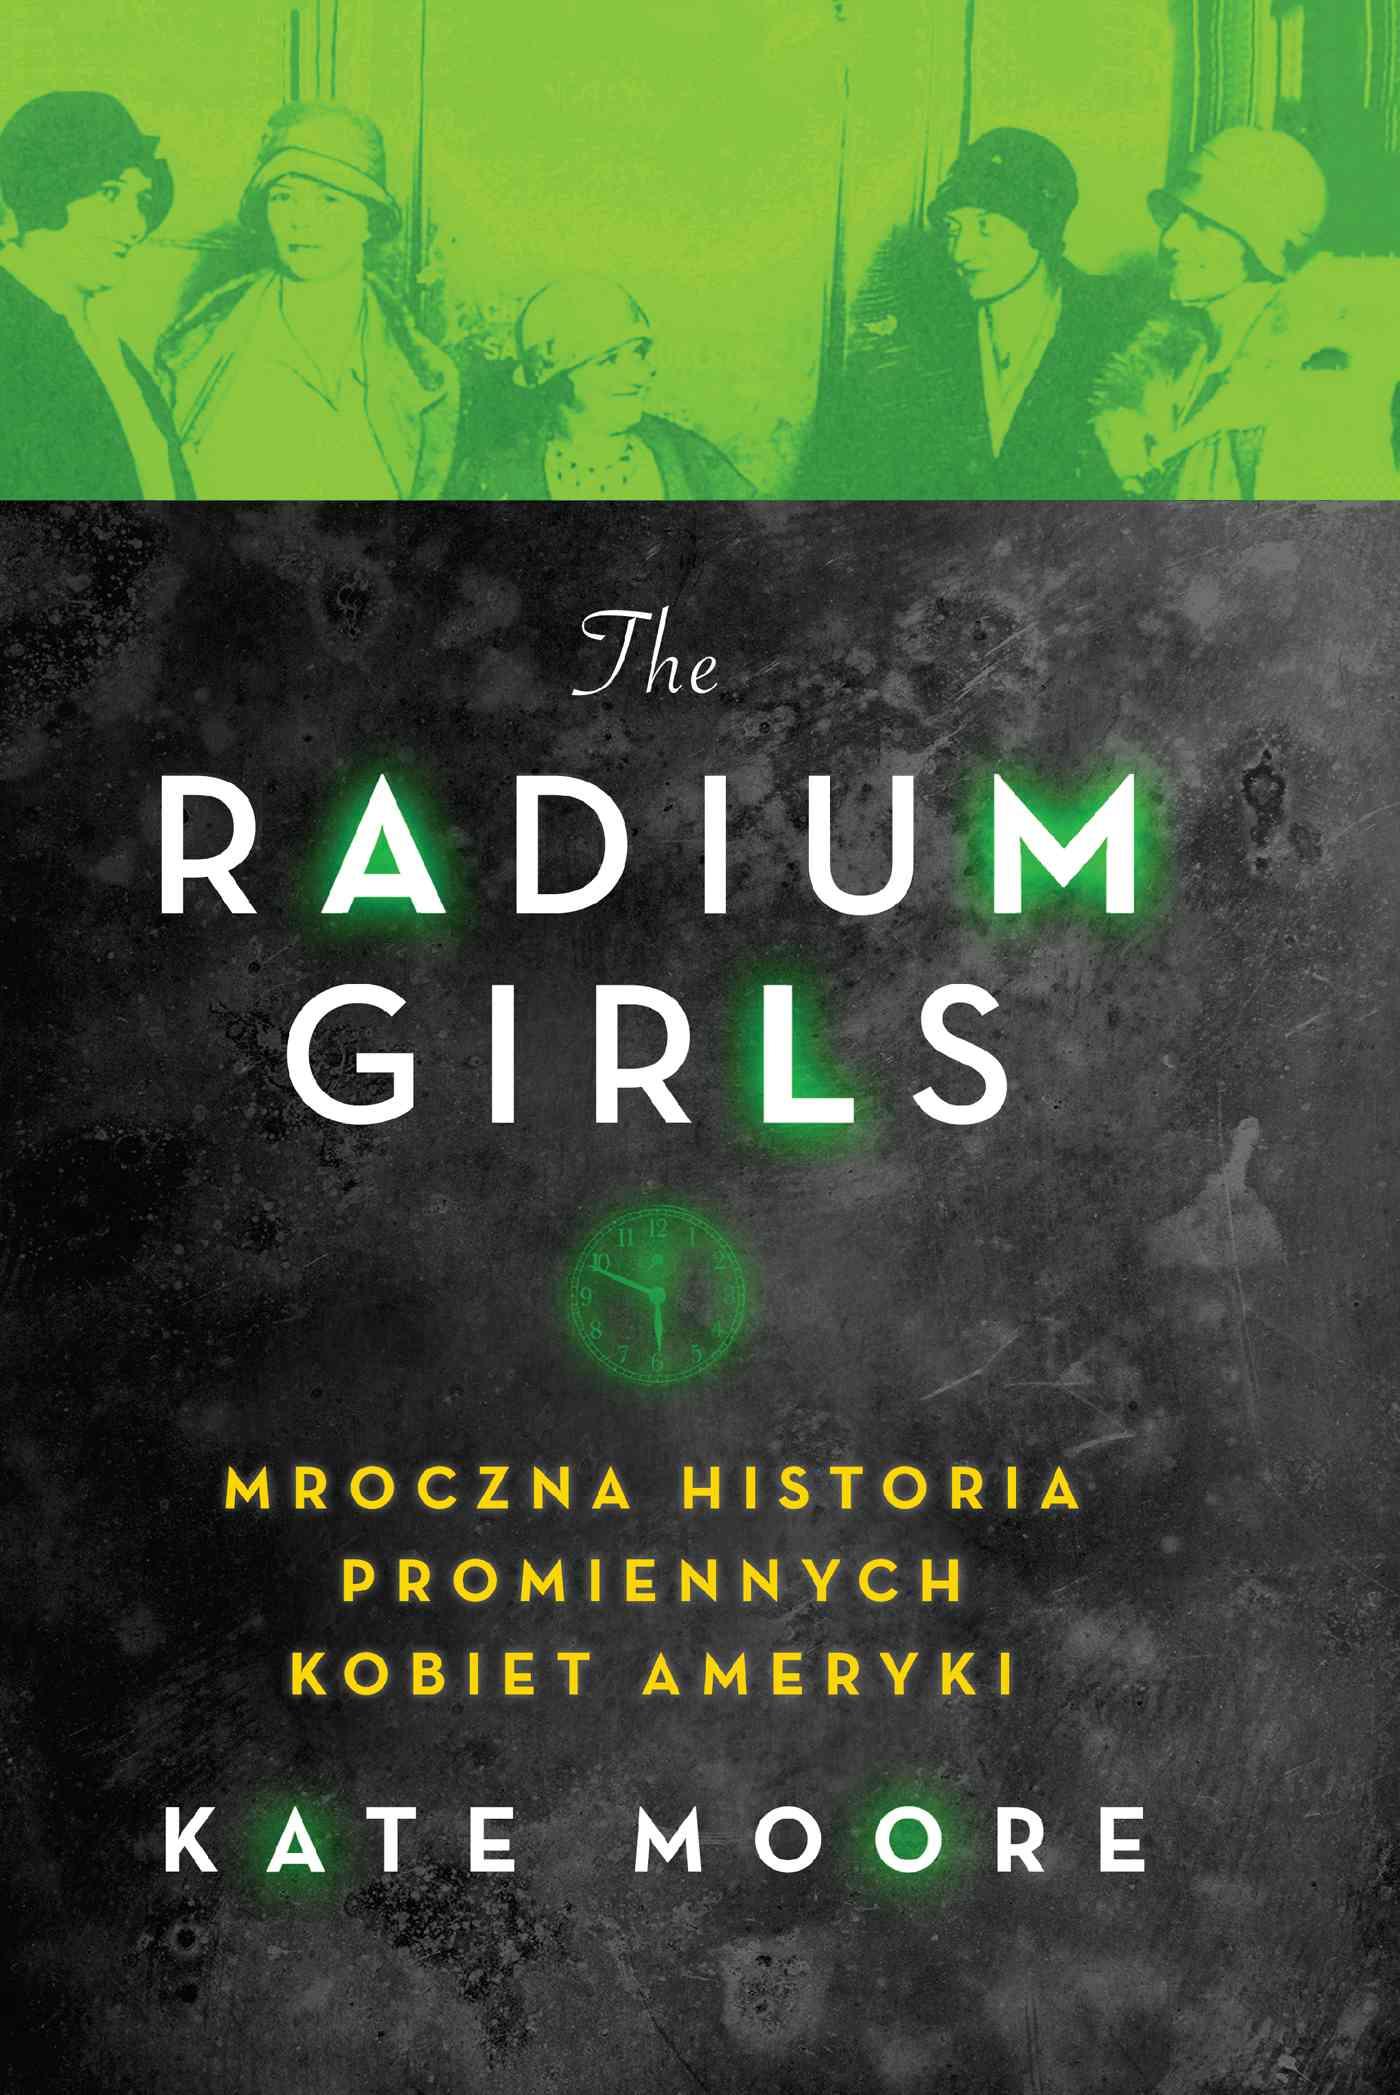 The Radium Girls. Mroczna historia promiennych kobiet Ameryki - Ebook (Książka EPUB) do pobrania w formacie EPUB